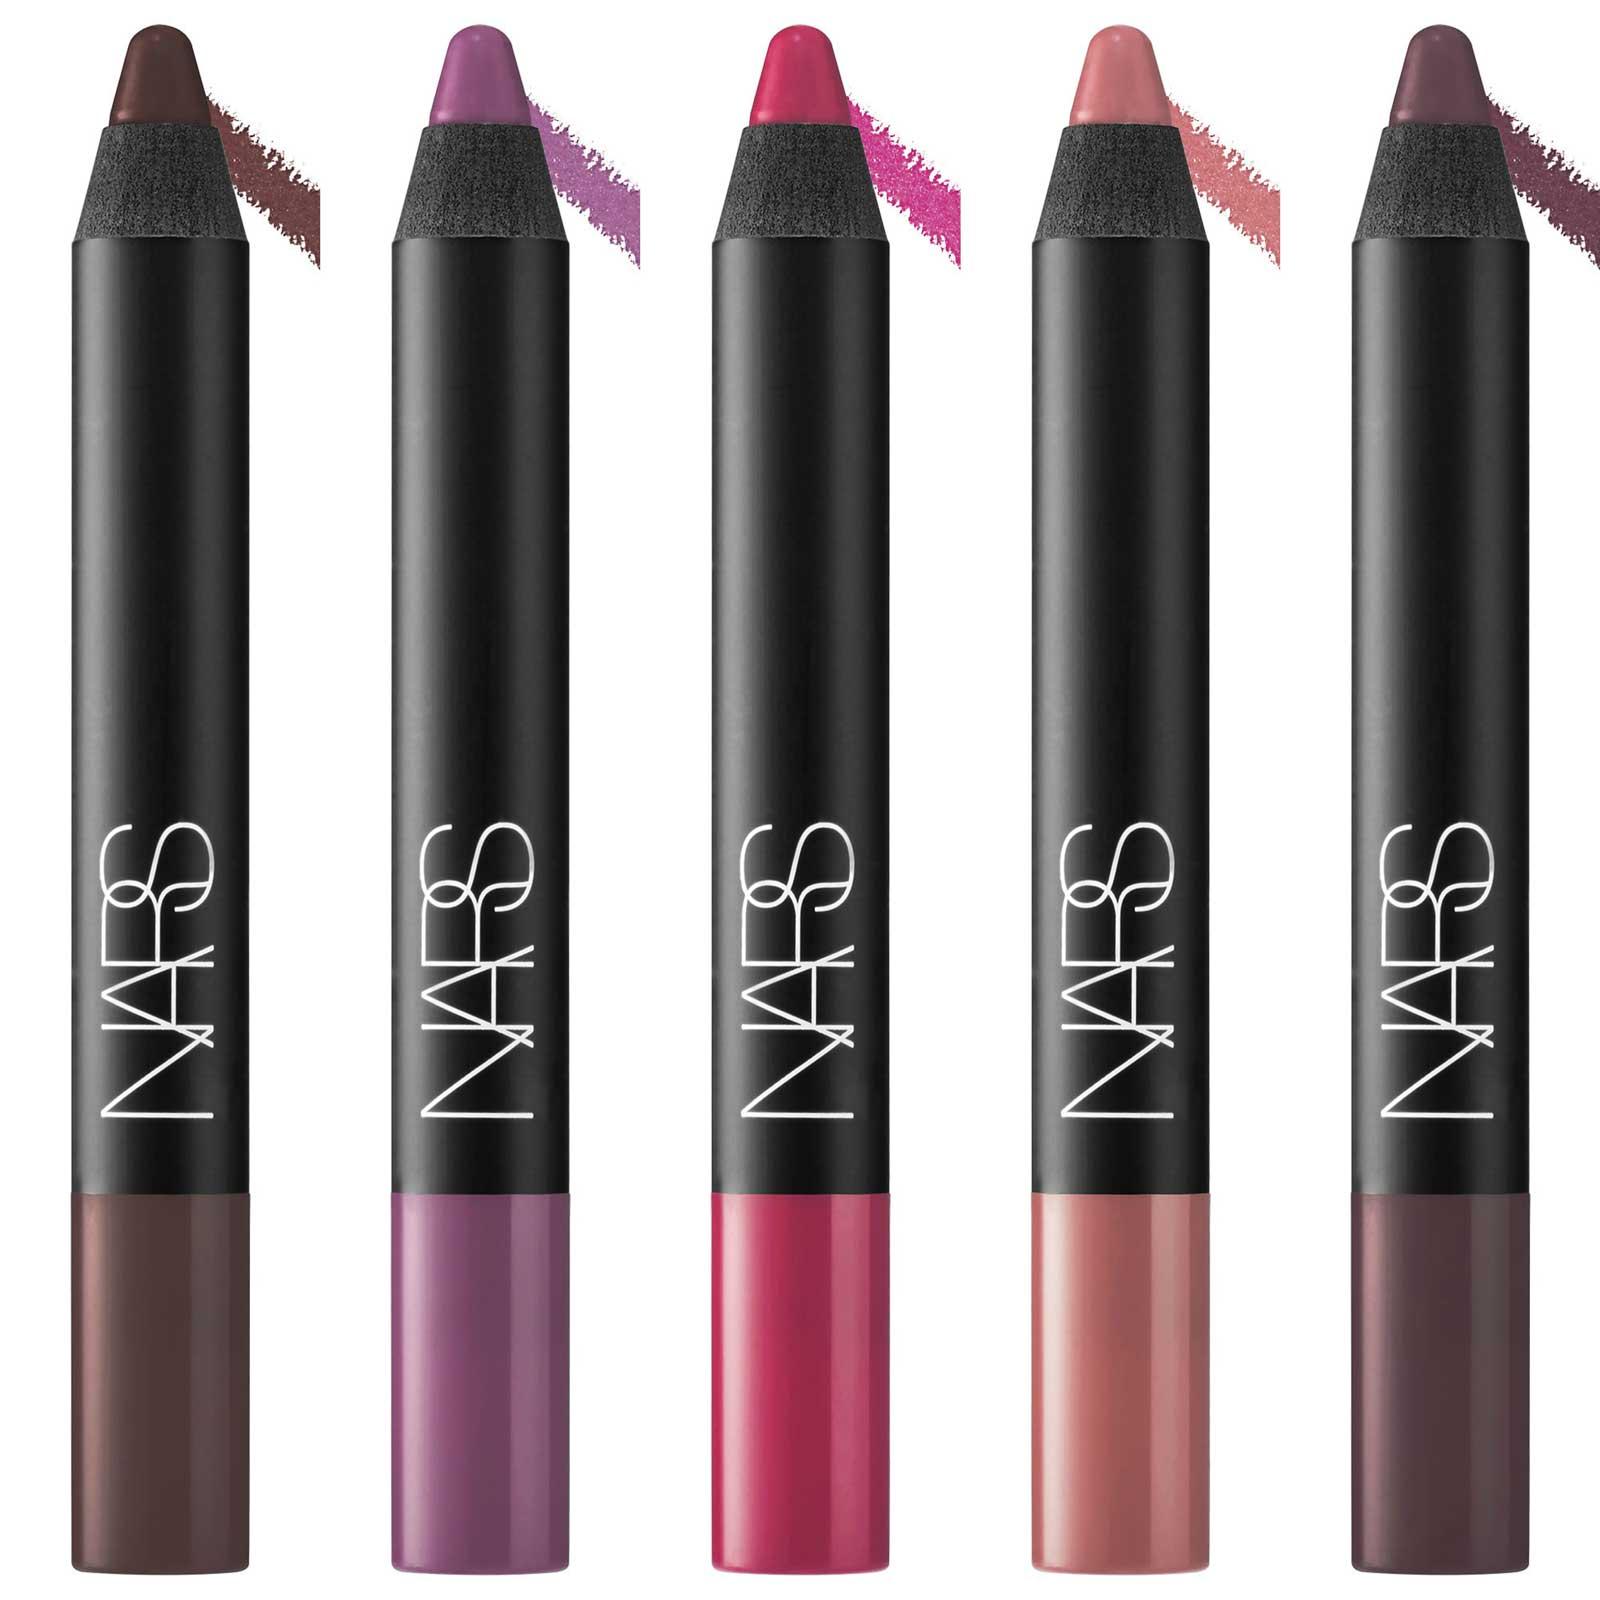 2-NARS-Velvet-Matte-Lip-Pencil-Shade-Extension-for-Spring-2017